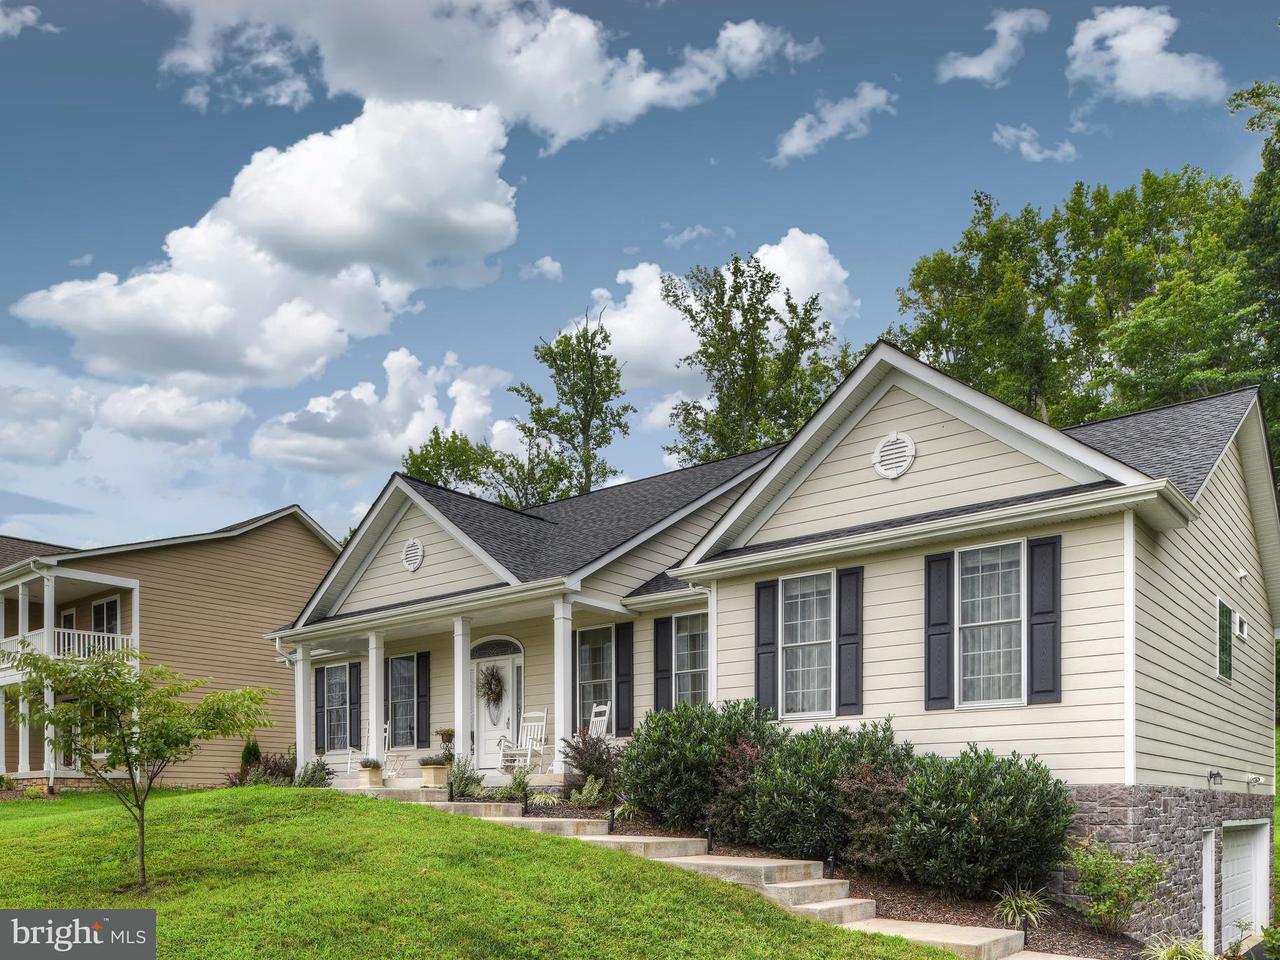 Μονοκατοικία για την Πώληση στο 6316 VISTA Court 6316 VISTA Court King George, Βιρτζινια 22485 Ηνωμενεσ Πολιτειεσ